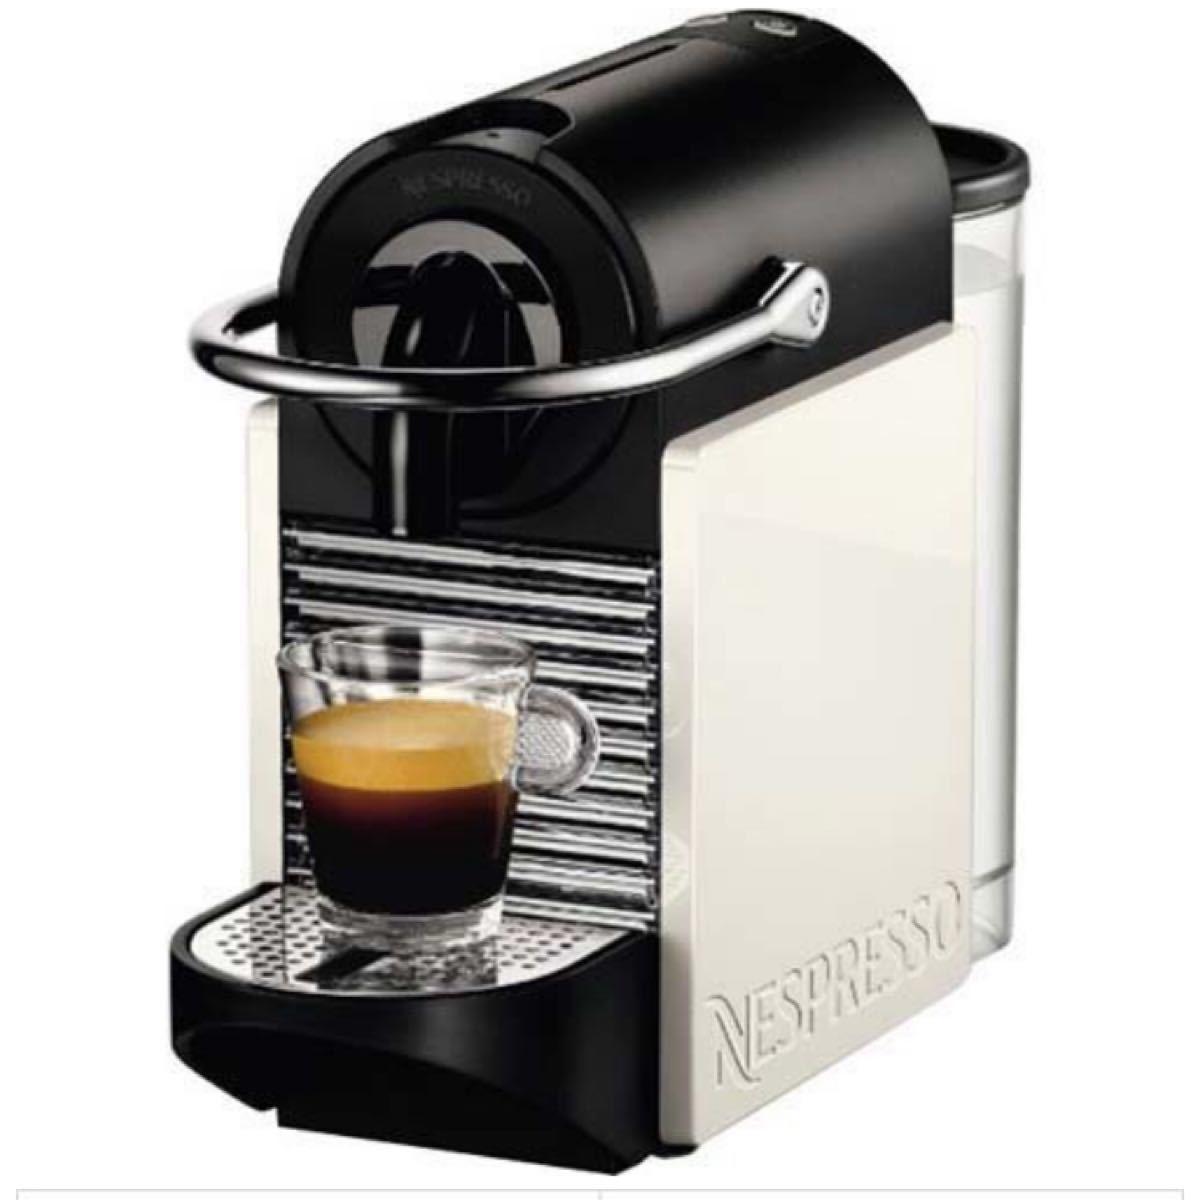 ネスプレッソ コーヒーメーカー ピクシークリップ